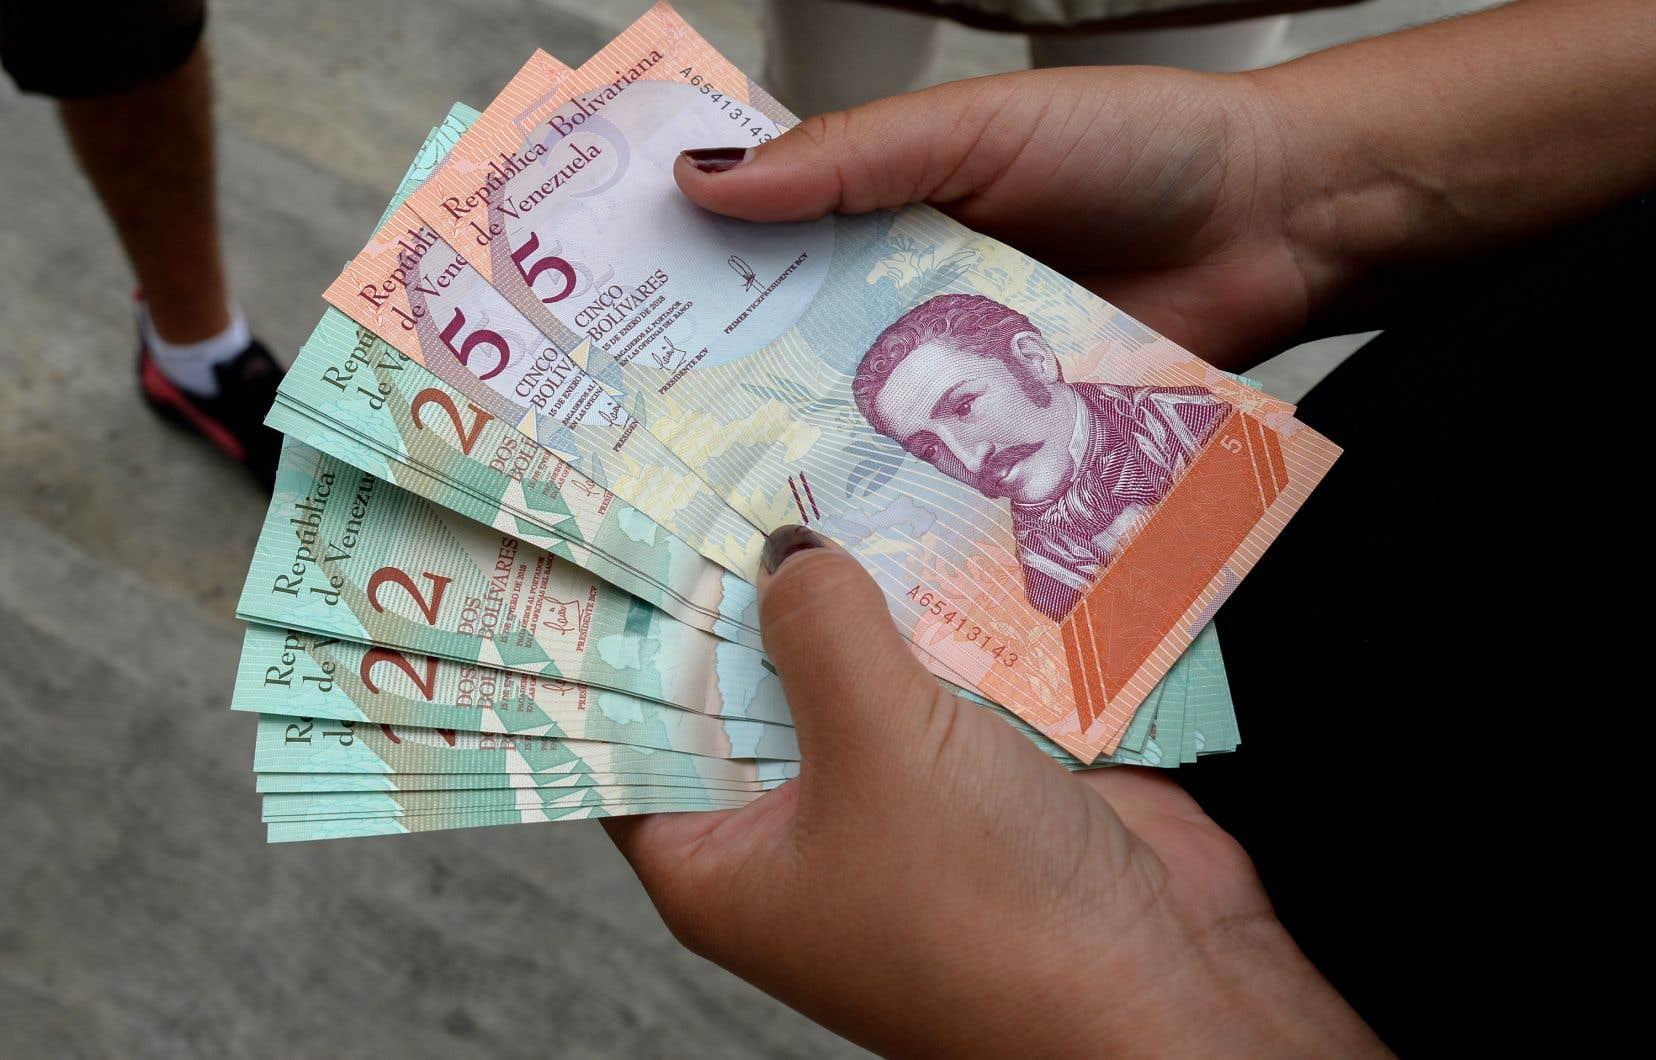 La Banque centrale du Venezuela a indiqué mardi que le nouveau taux était de 60 bolivars souverains pour un dollar.